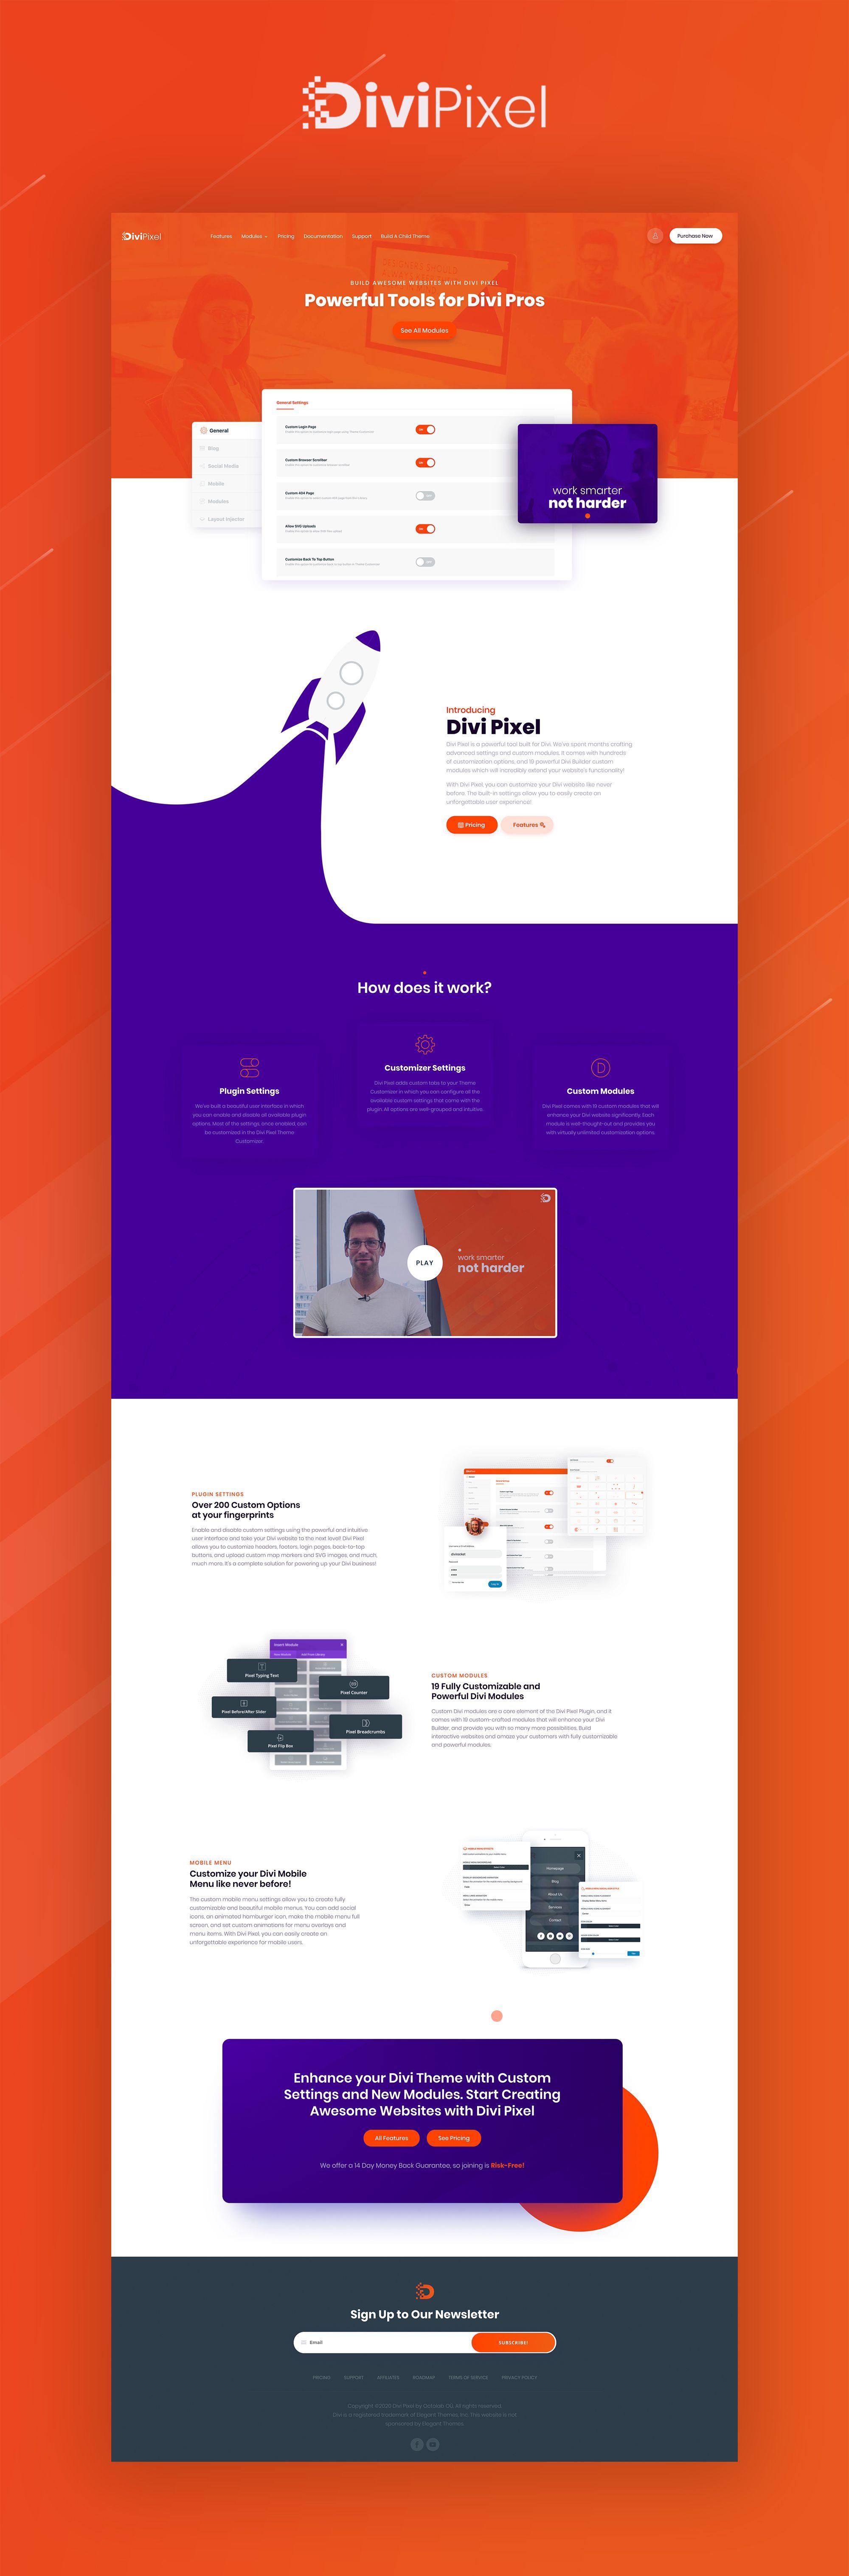 Build Awesome Websites With Divi Pixel In 2020 Web Design Website Design Inspiration Web App Design